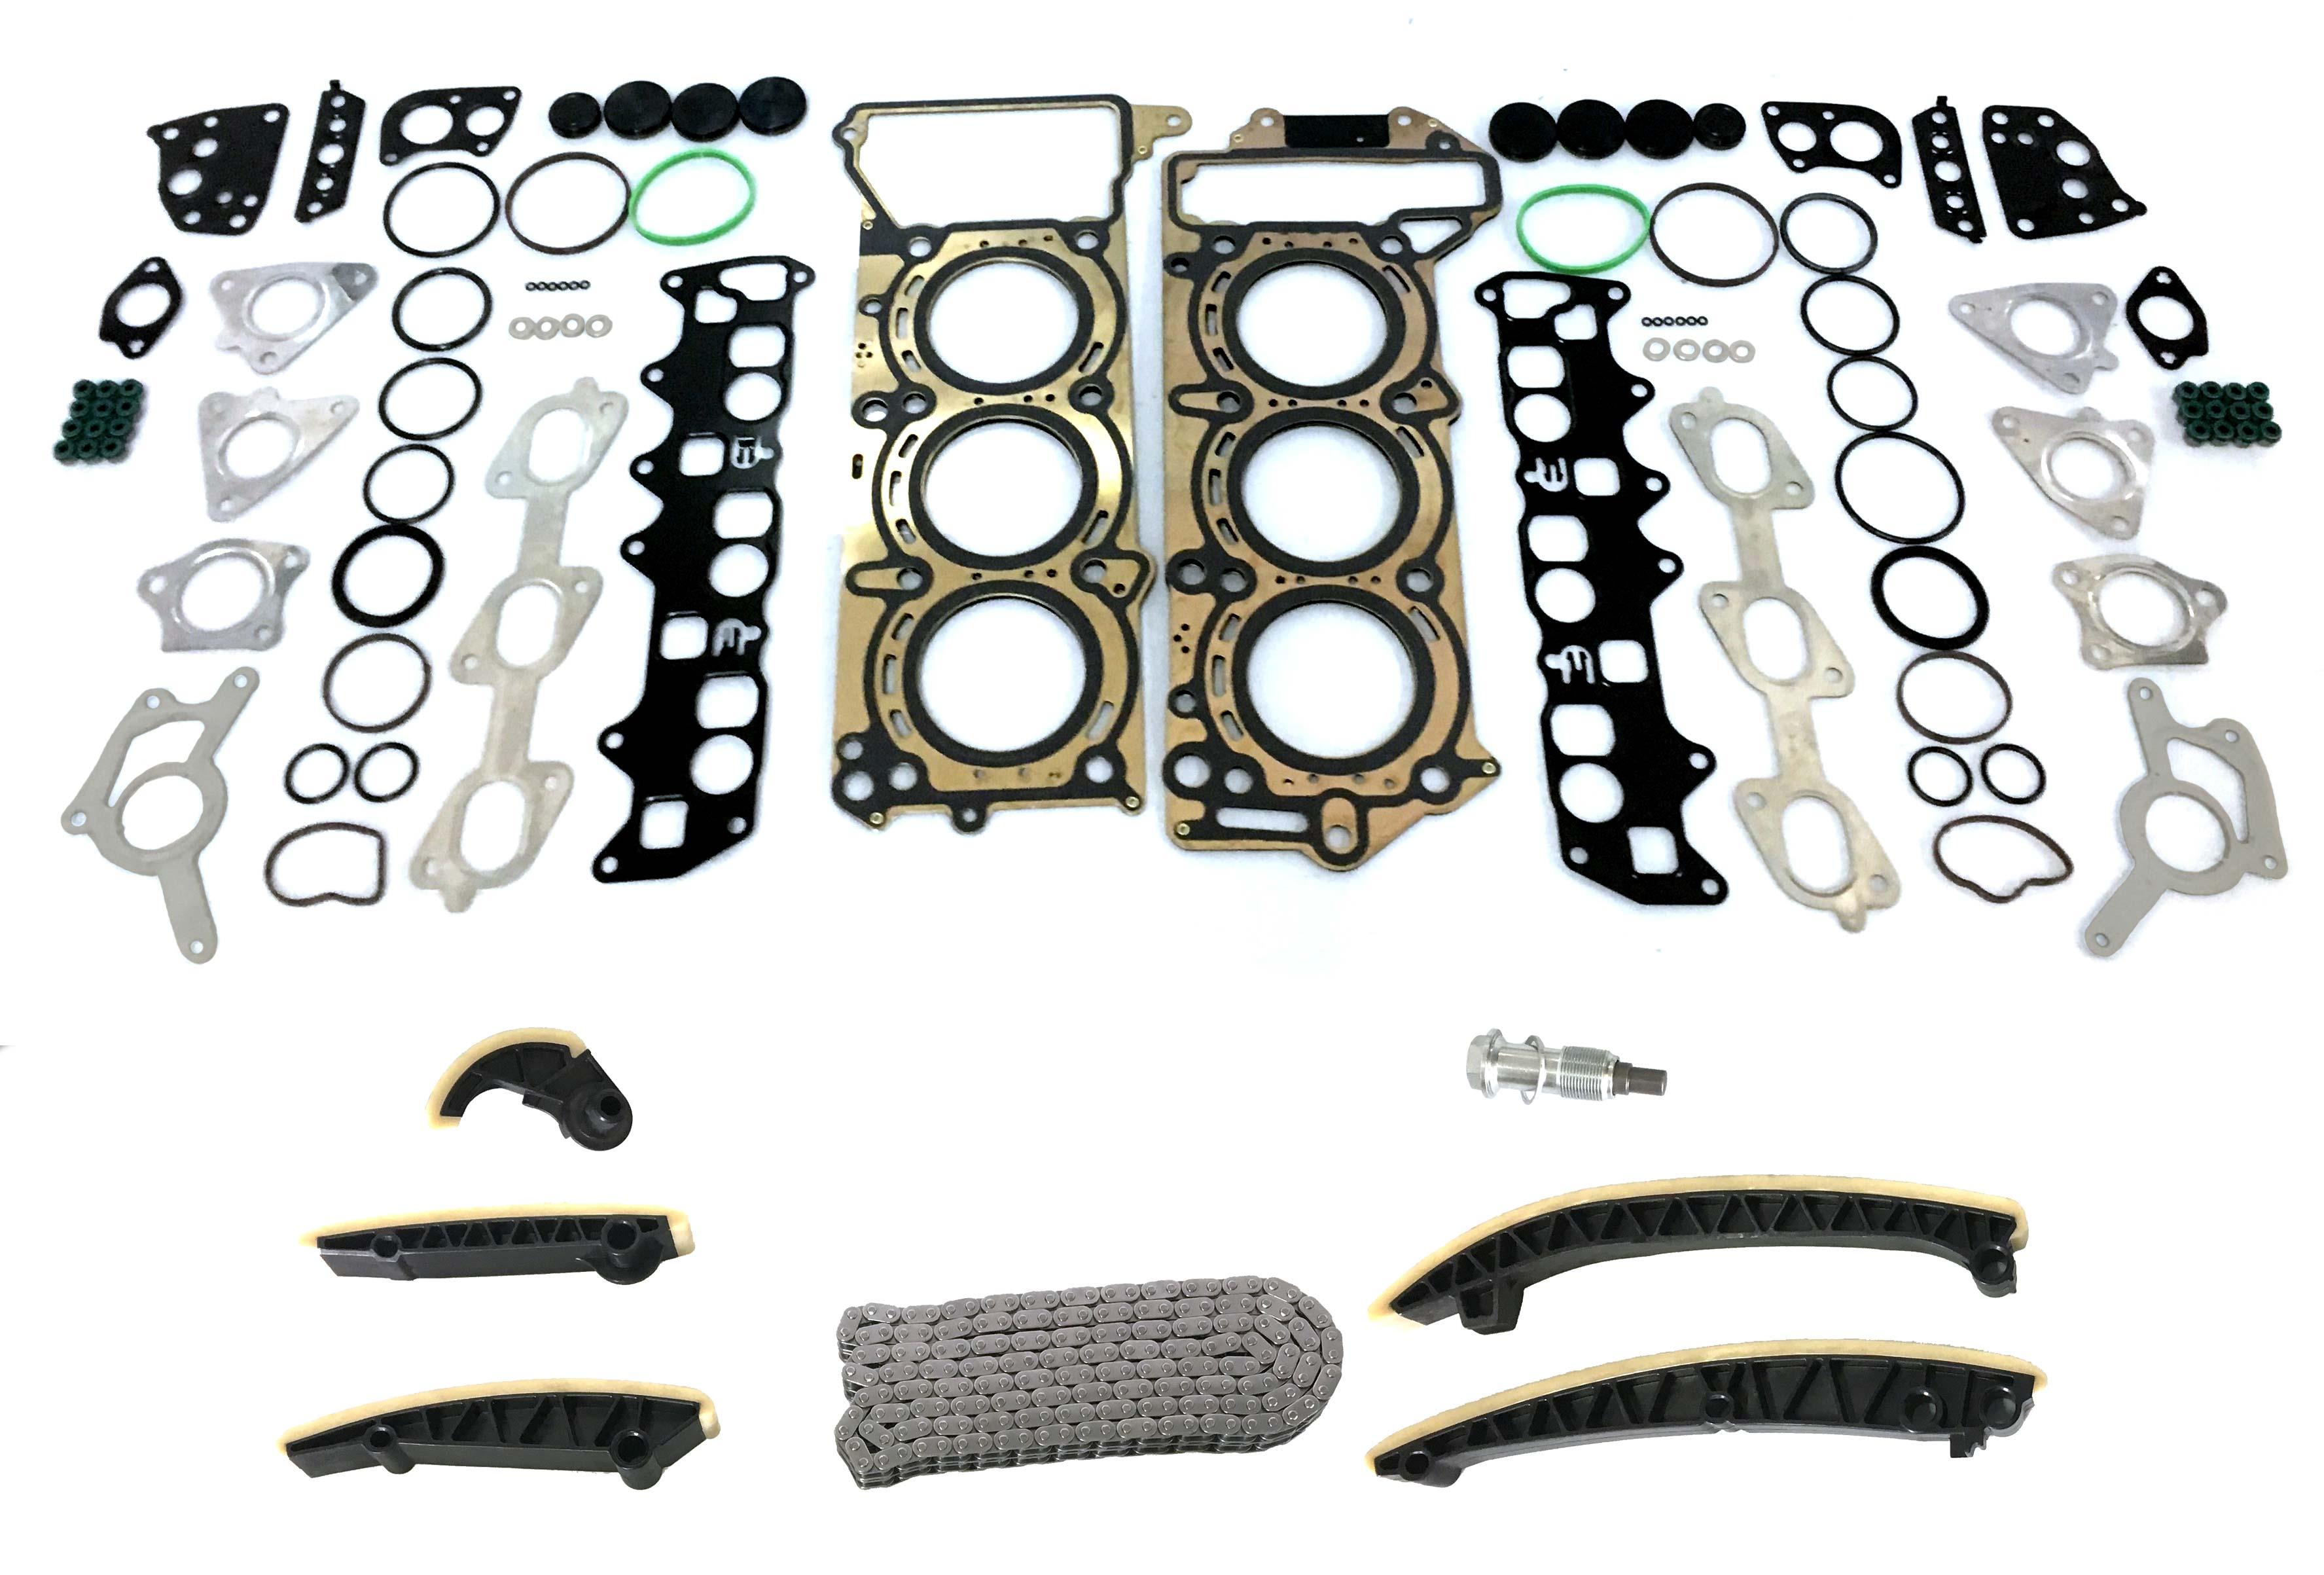 Junta da cabeça do cilindro Cam cadeia kit conjunto da junta de Mercedes 3.0 CDI 642.820 NOVO